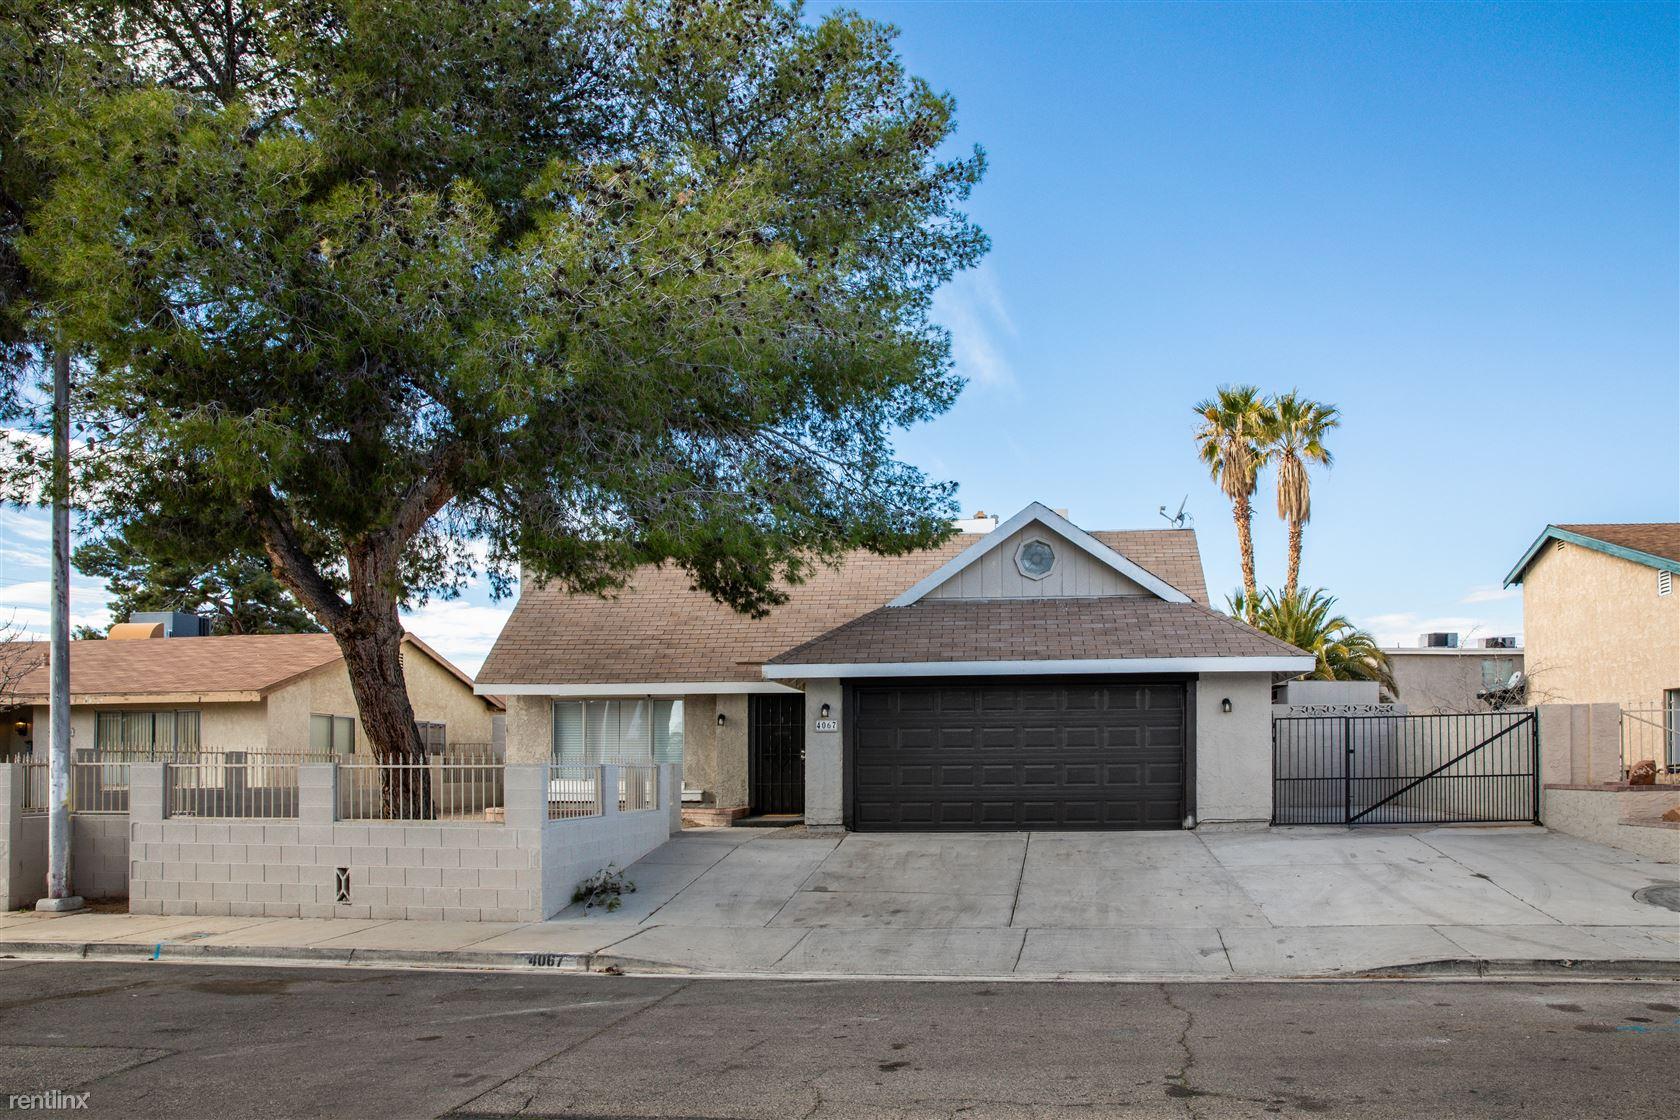 4067 Arrowood Dr, Las Vegas, NV - $2,700 USD/ month